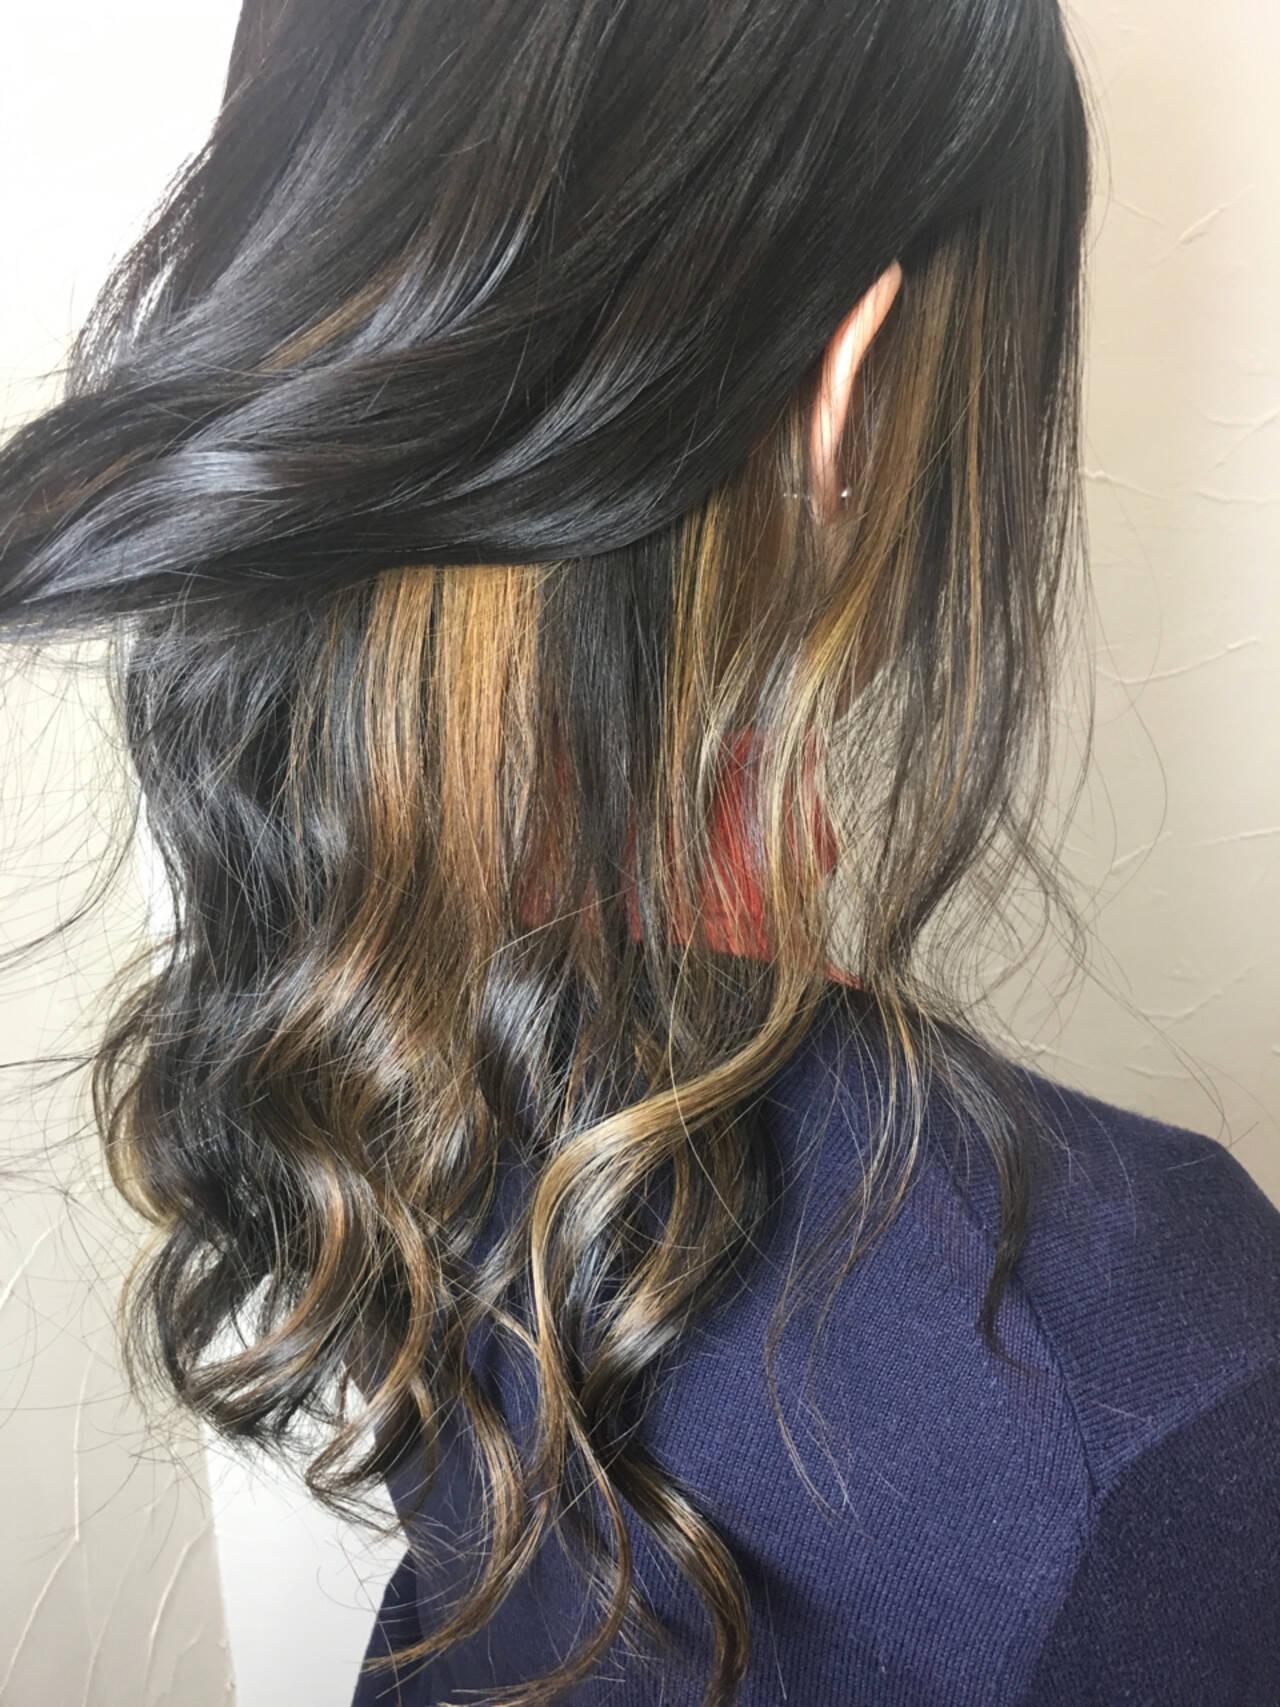 ダブルカラー ストリート ハイライト インナーカラーヘアスタイルや髪型の写真・画像